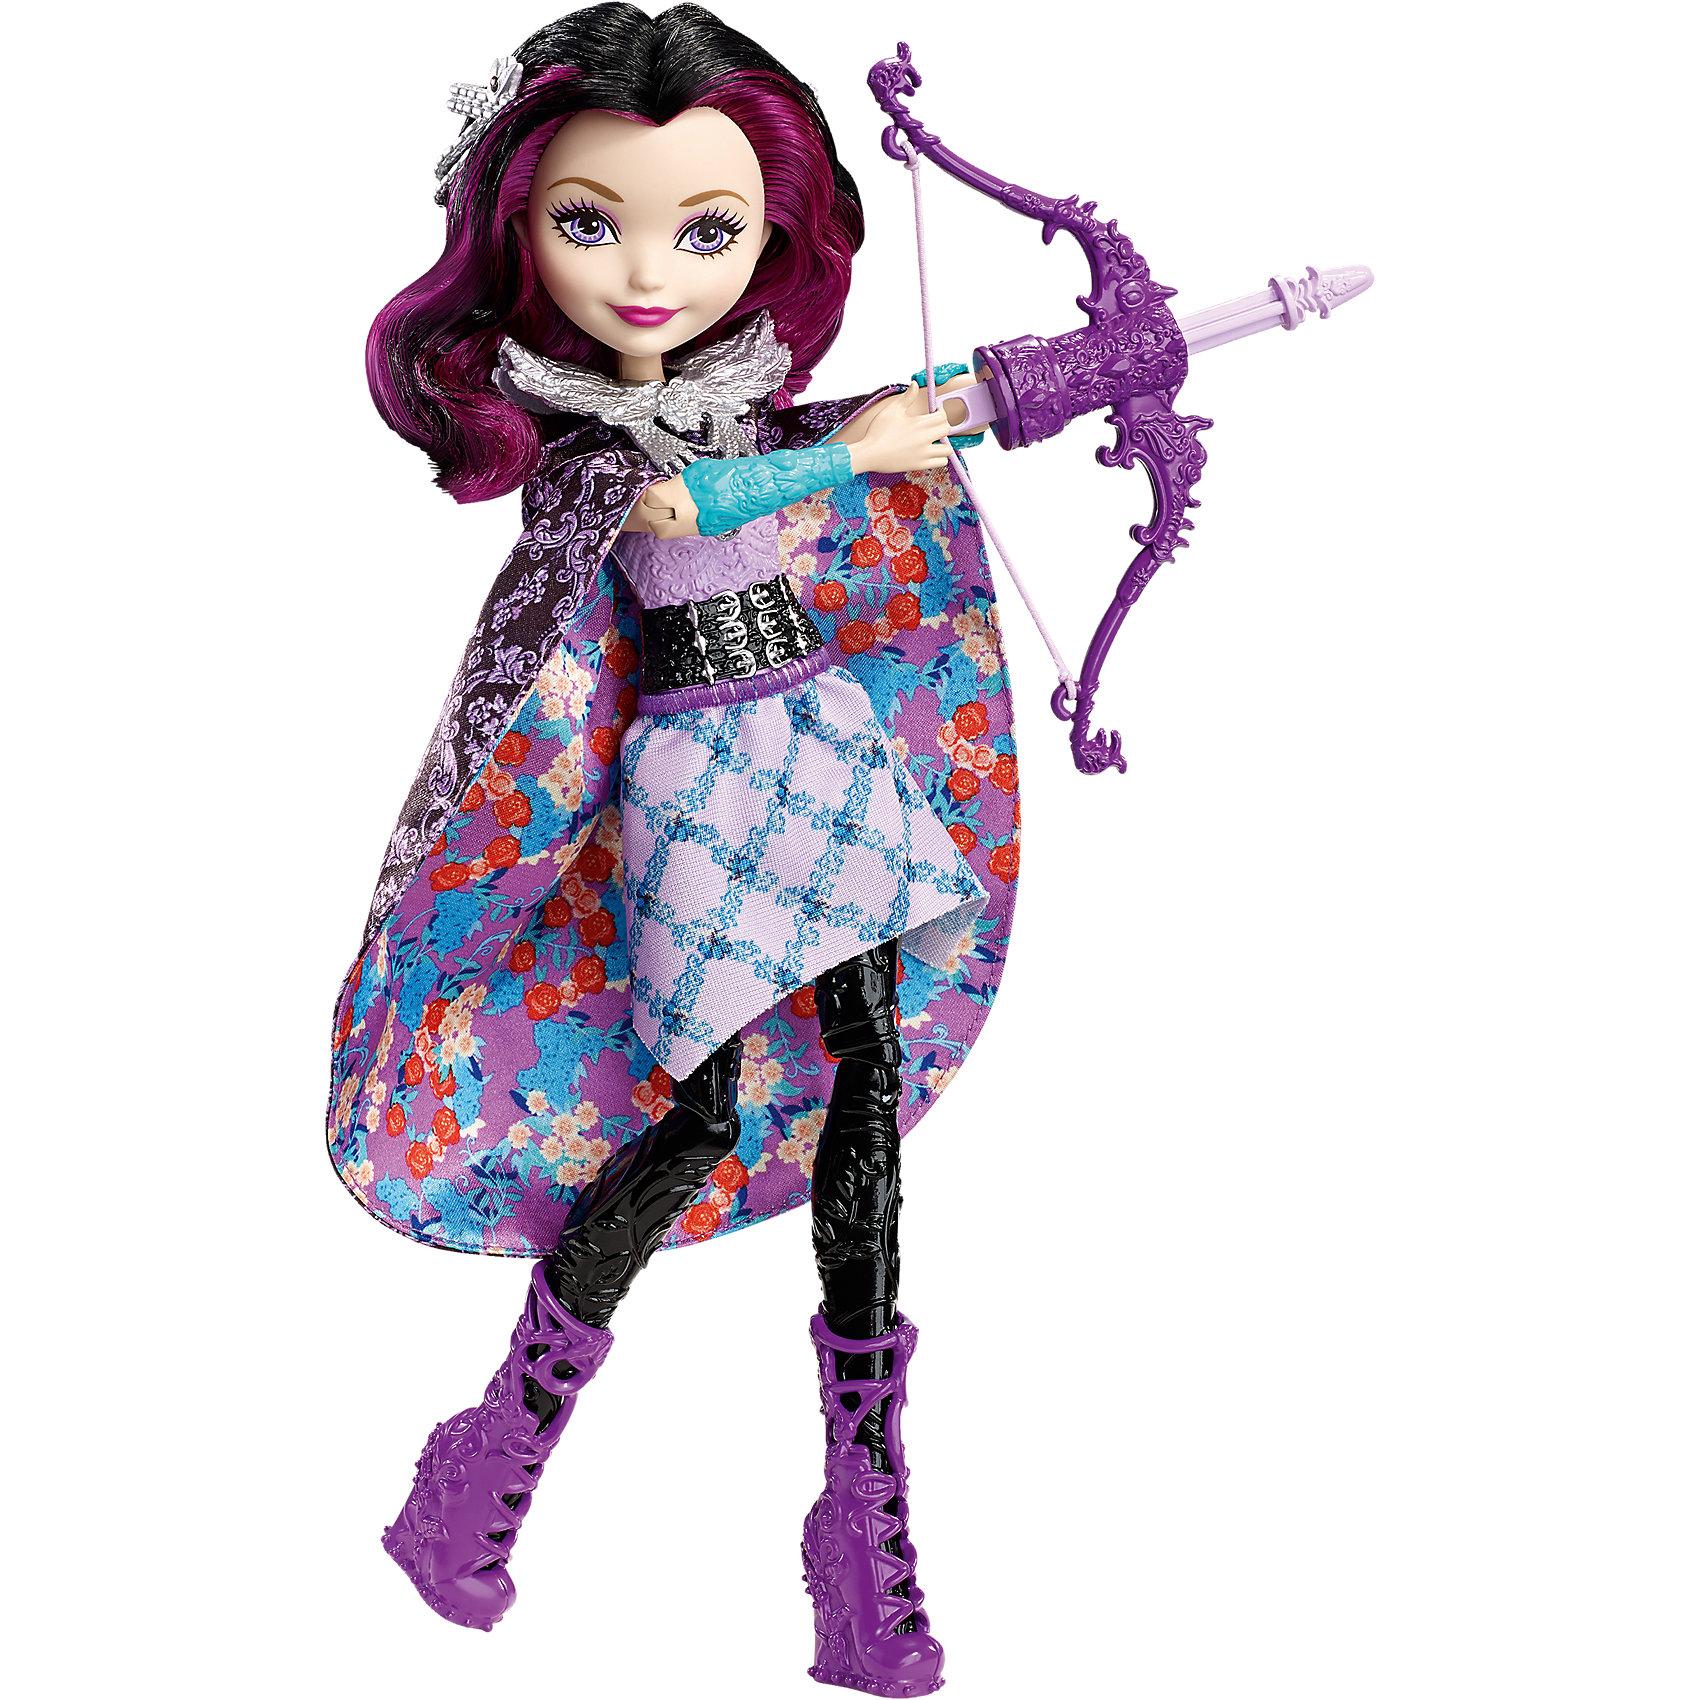 Волшебная лучница Рэйвен Квин, Ever After HighEver After High<br>Волшебная лучница Рэйвен Квин, Ever After High (Эвер Афтер Хай)<br><br>Характеристики:<br><br>• кукла по-настоящему стреляет из лука<br>• юбку можно использовать как накидку на плечи<br>• в комплекте: кукла, лук, стрелы<br>• материал: пластик, текстиль<br>• высота куклы: 26 см<br>• размер упаковки: 33х23х6,5 см<br>• вес: 260 грамм<br><br>Рэйвен Квин очень любит стрелять из своего лука. Он выглядит совсем как настоящий, да и стреляет тоже по-настоящему. Для этого нужно поставить руку куклы в специальное отверстие и нажать кнопку на спине. Для стрельбы Рэйвен выбрала стильный и удобный наряд. Кукла одета в топ, юбку и сапожки фиолетового цвета. Длинная юбка с цветочным узором с легкостью превращается в черную накидку на плечи. В таком образе Рэйвен обязательно поразит все мишени!<br><br>Волшебную лучницу Рэйвен Квин, Ever After High (Эвер Афтер Хай) вы можете купить в нашем интернет-магазине.<br><br>Ширина мм: 328<br>Глубина мм: 230<br>Высота мм: 63<br>Вес г: 257<br>Возраст от месяцев: 72<br>Возраст до месяцев: 120<br>Пол: Женский<br>Возраст: Детский<br>SKU: 5257102